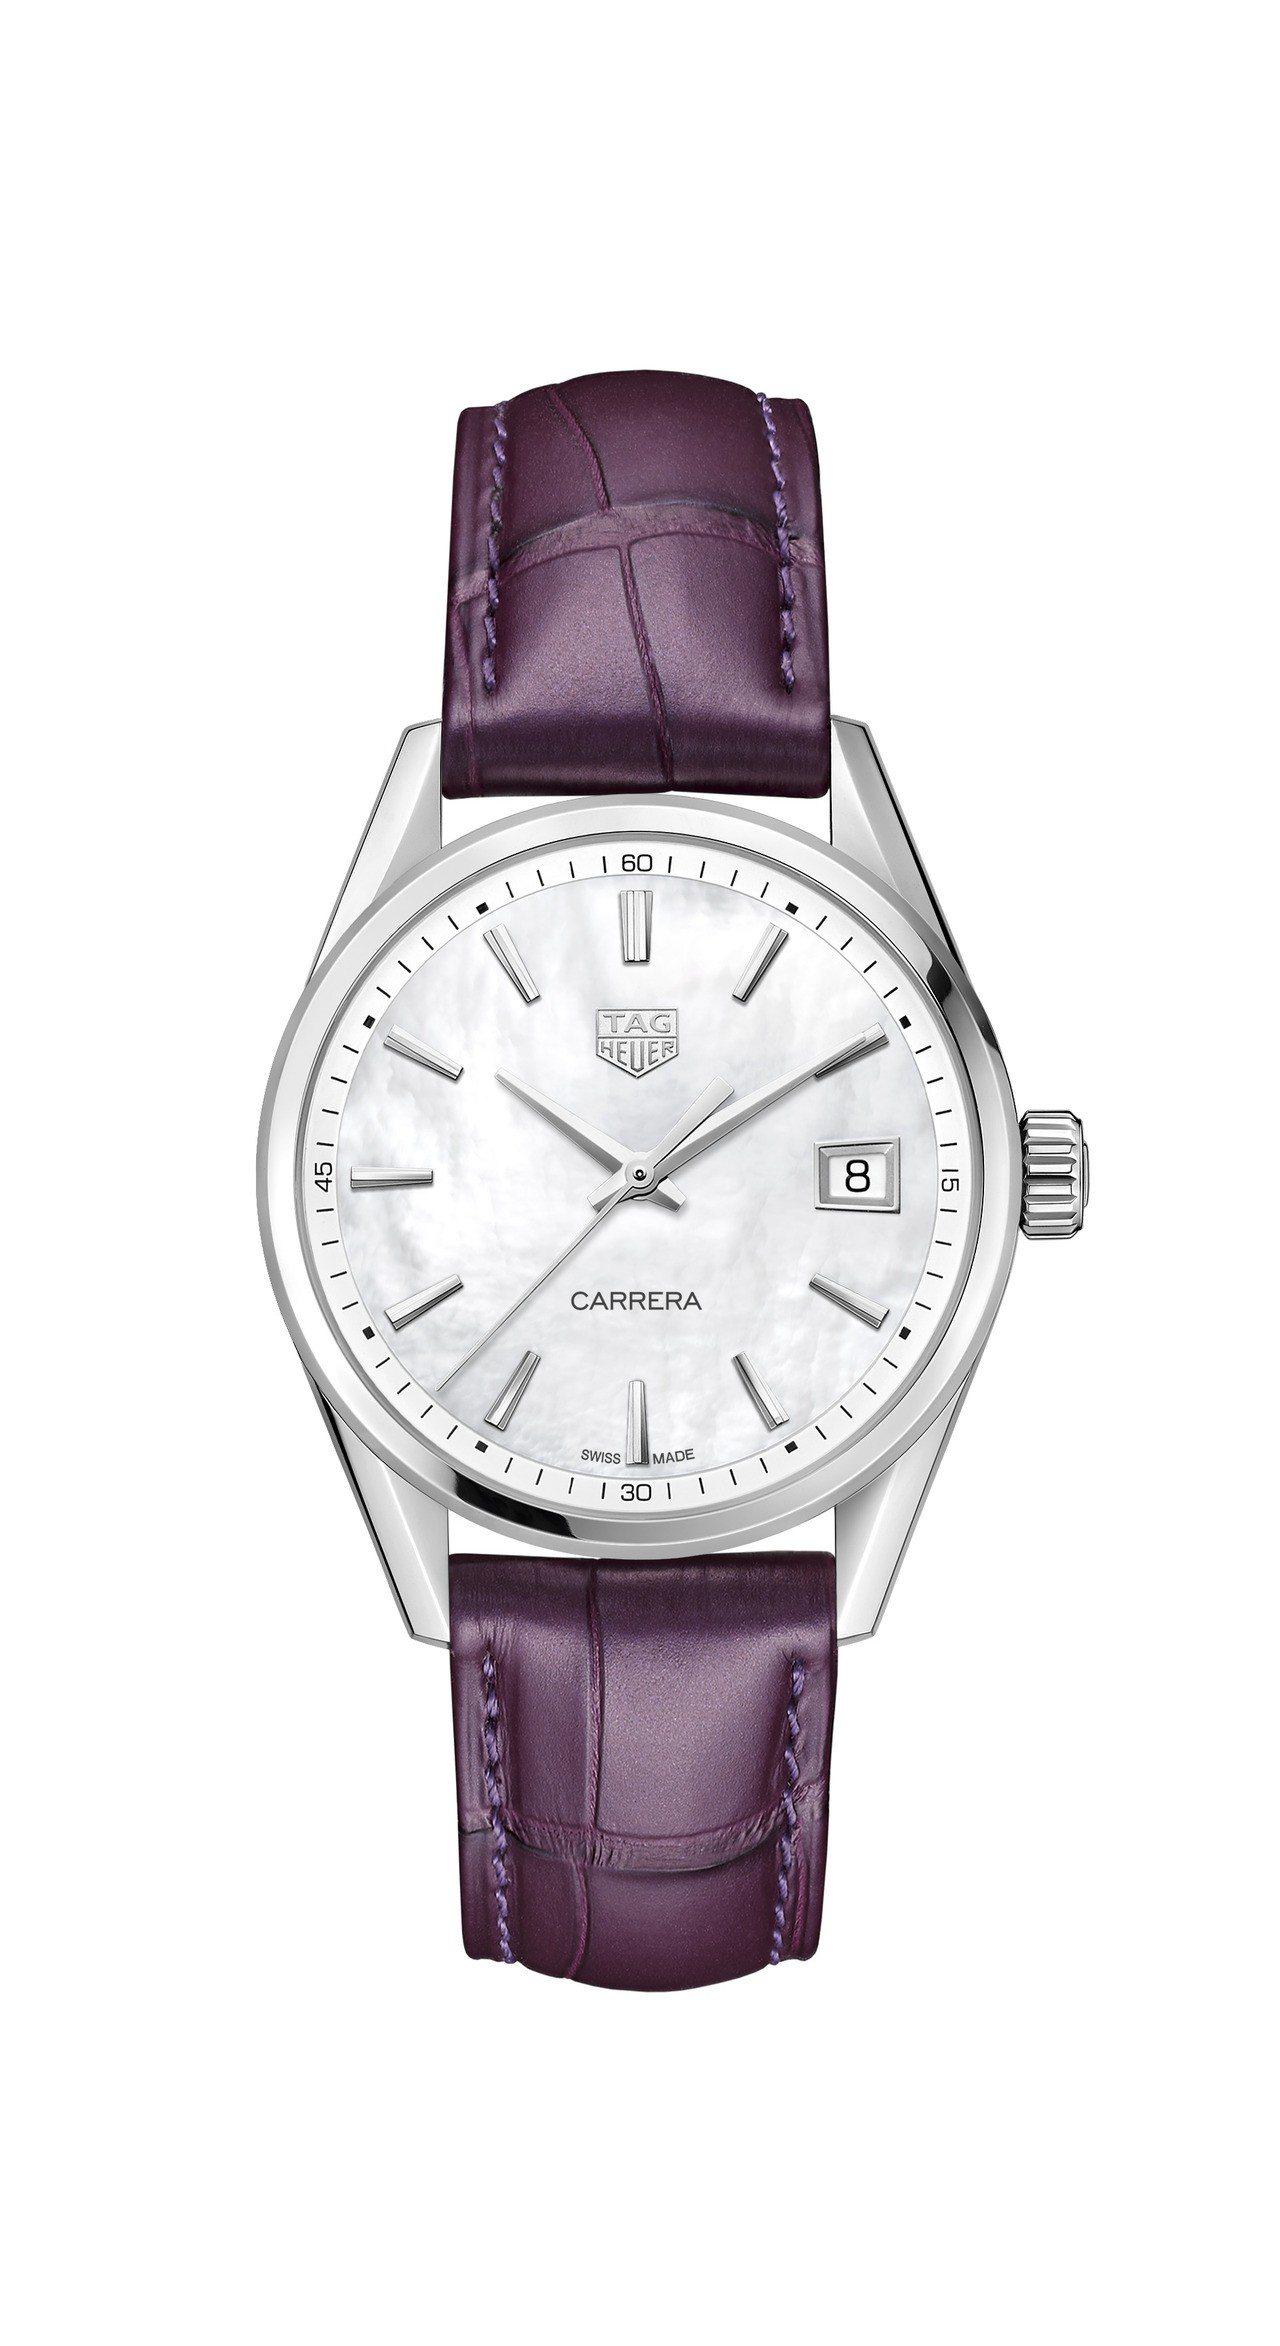 泰格豪雅Carrera Lady腕表,不鏽鋼表殼搭配珍珠母貝表盤,搭載石英機芯,...